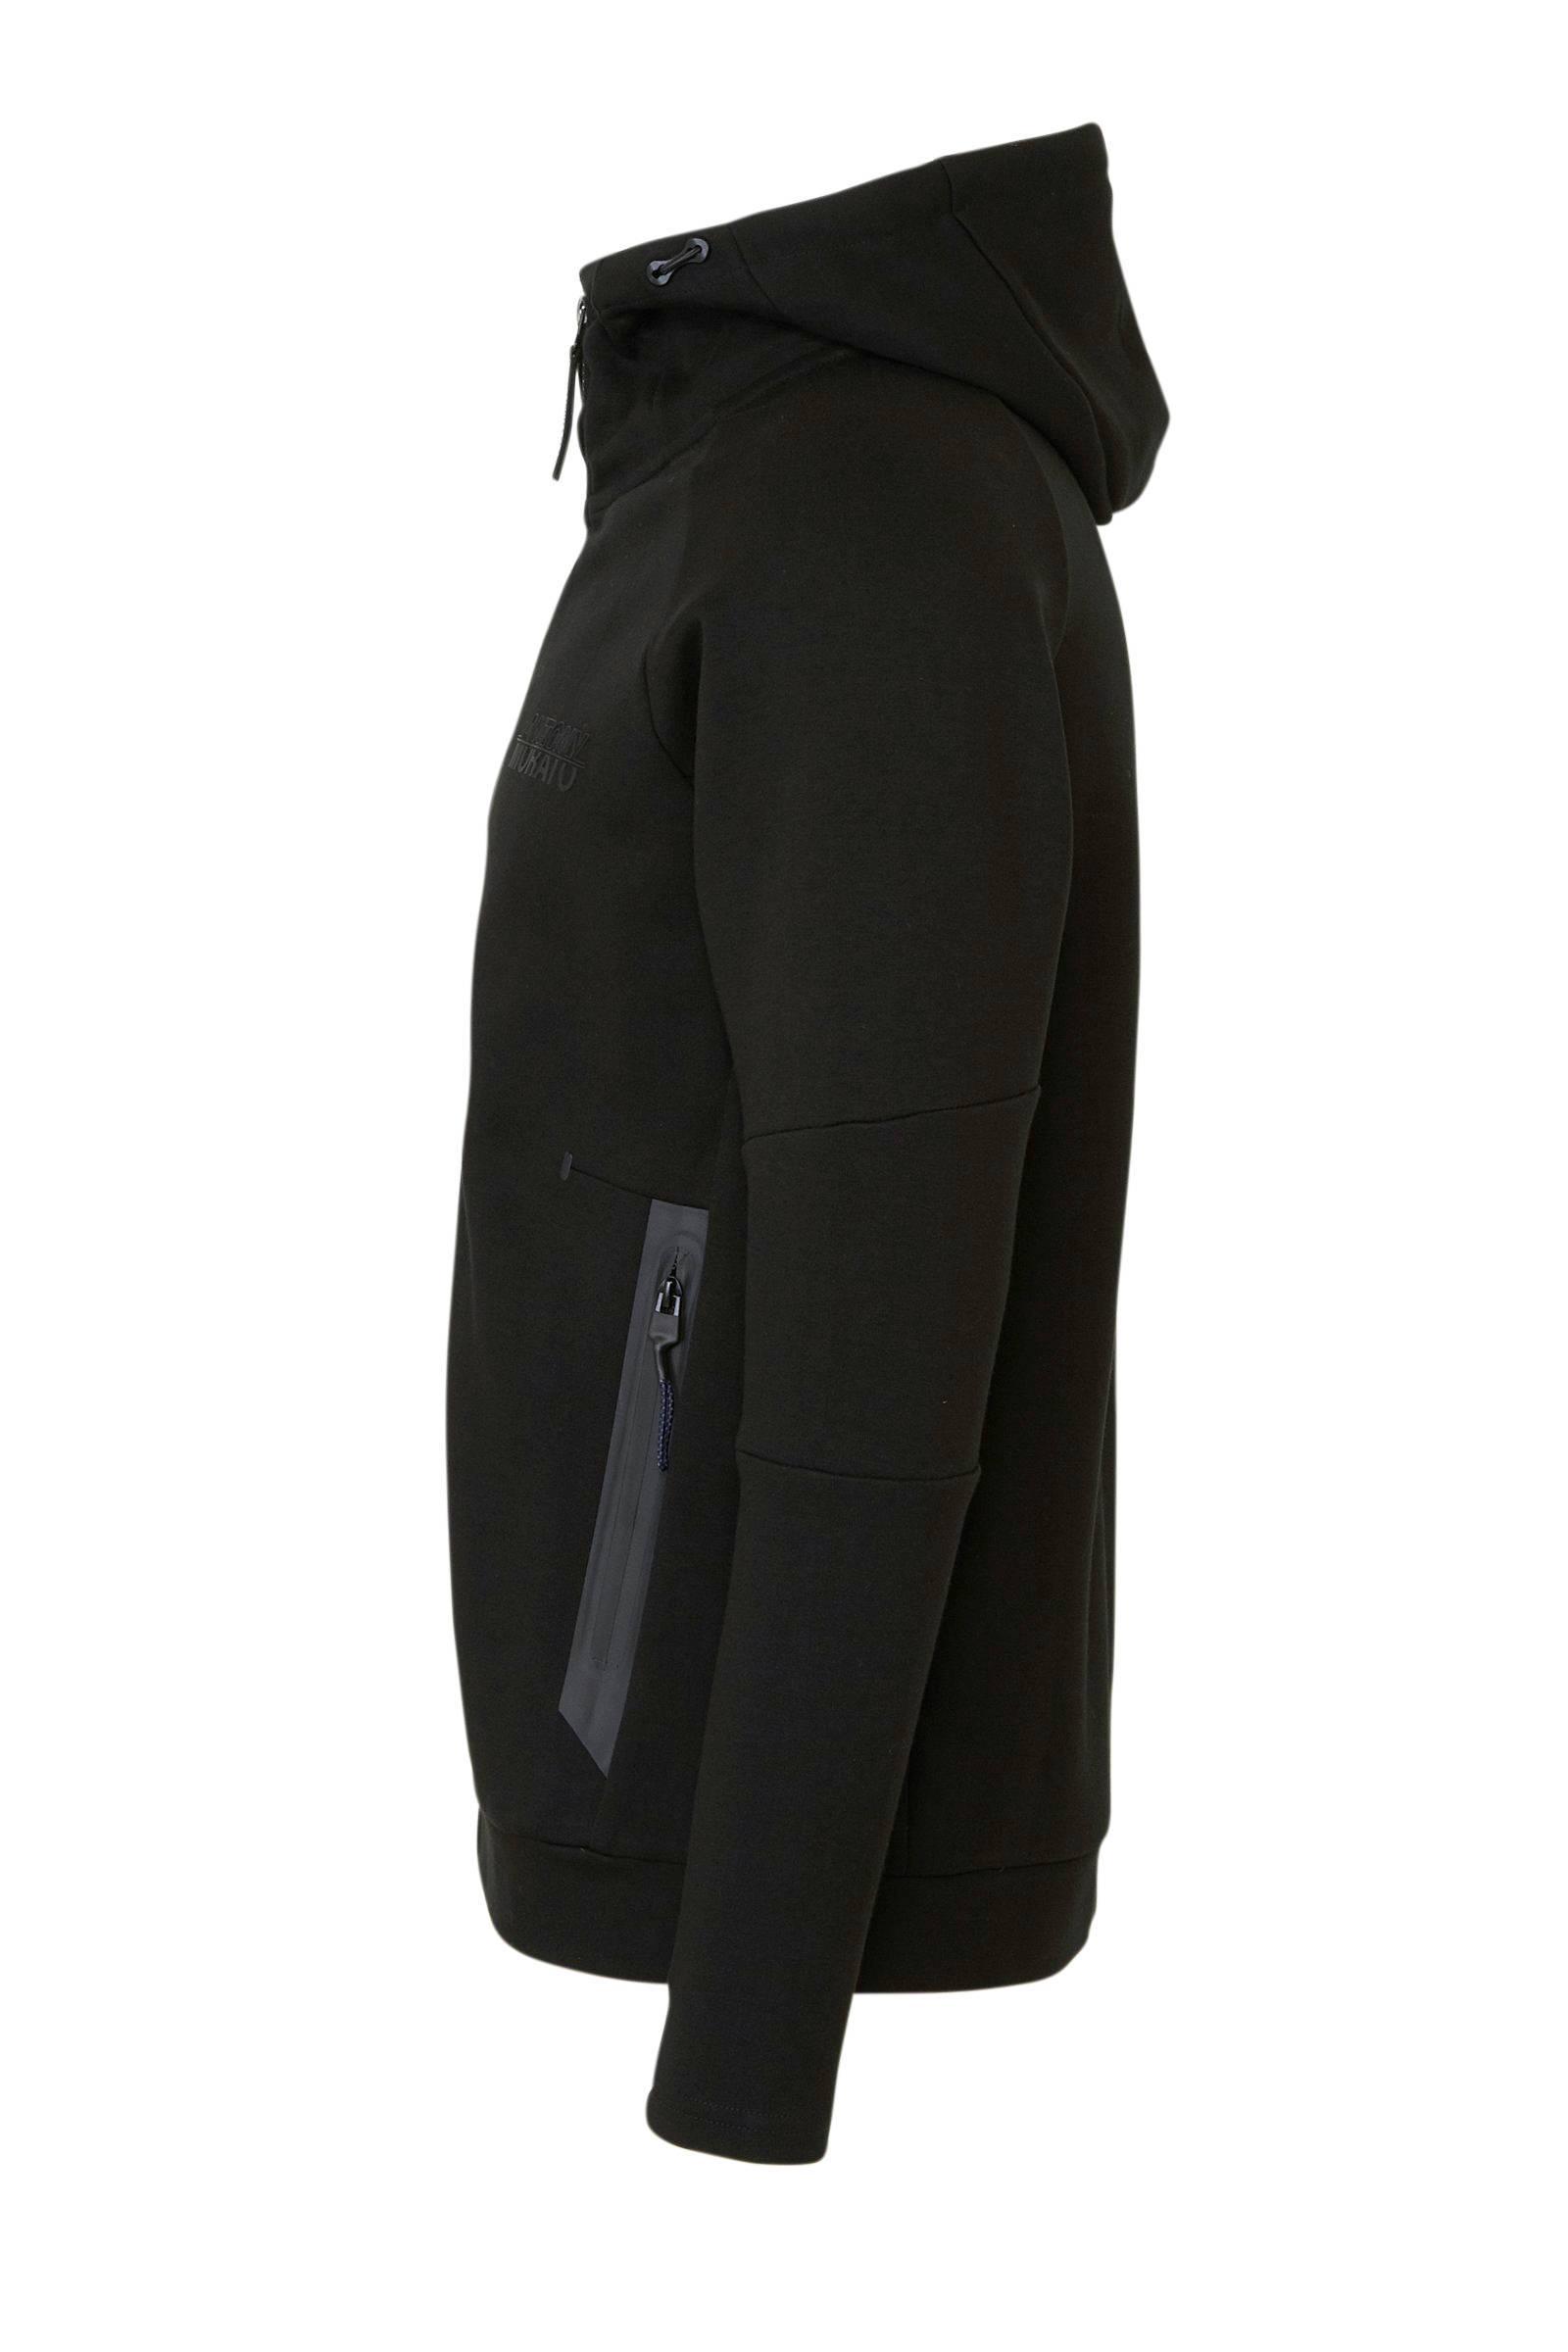 Antony Morato Vest Met Logo Zwart in het Zwart voor heren